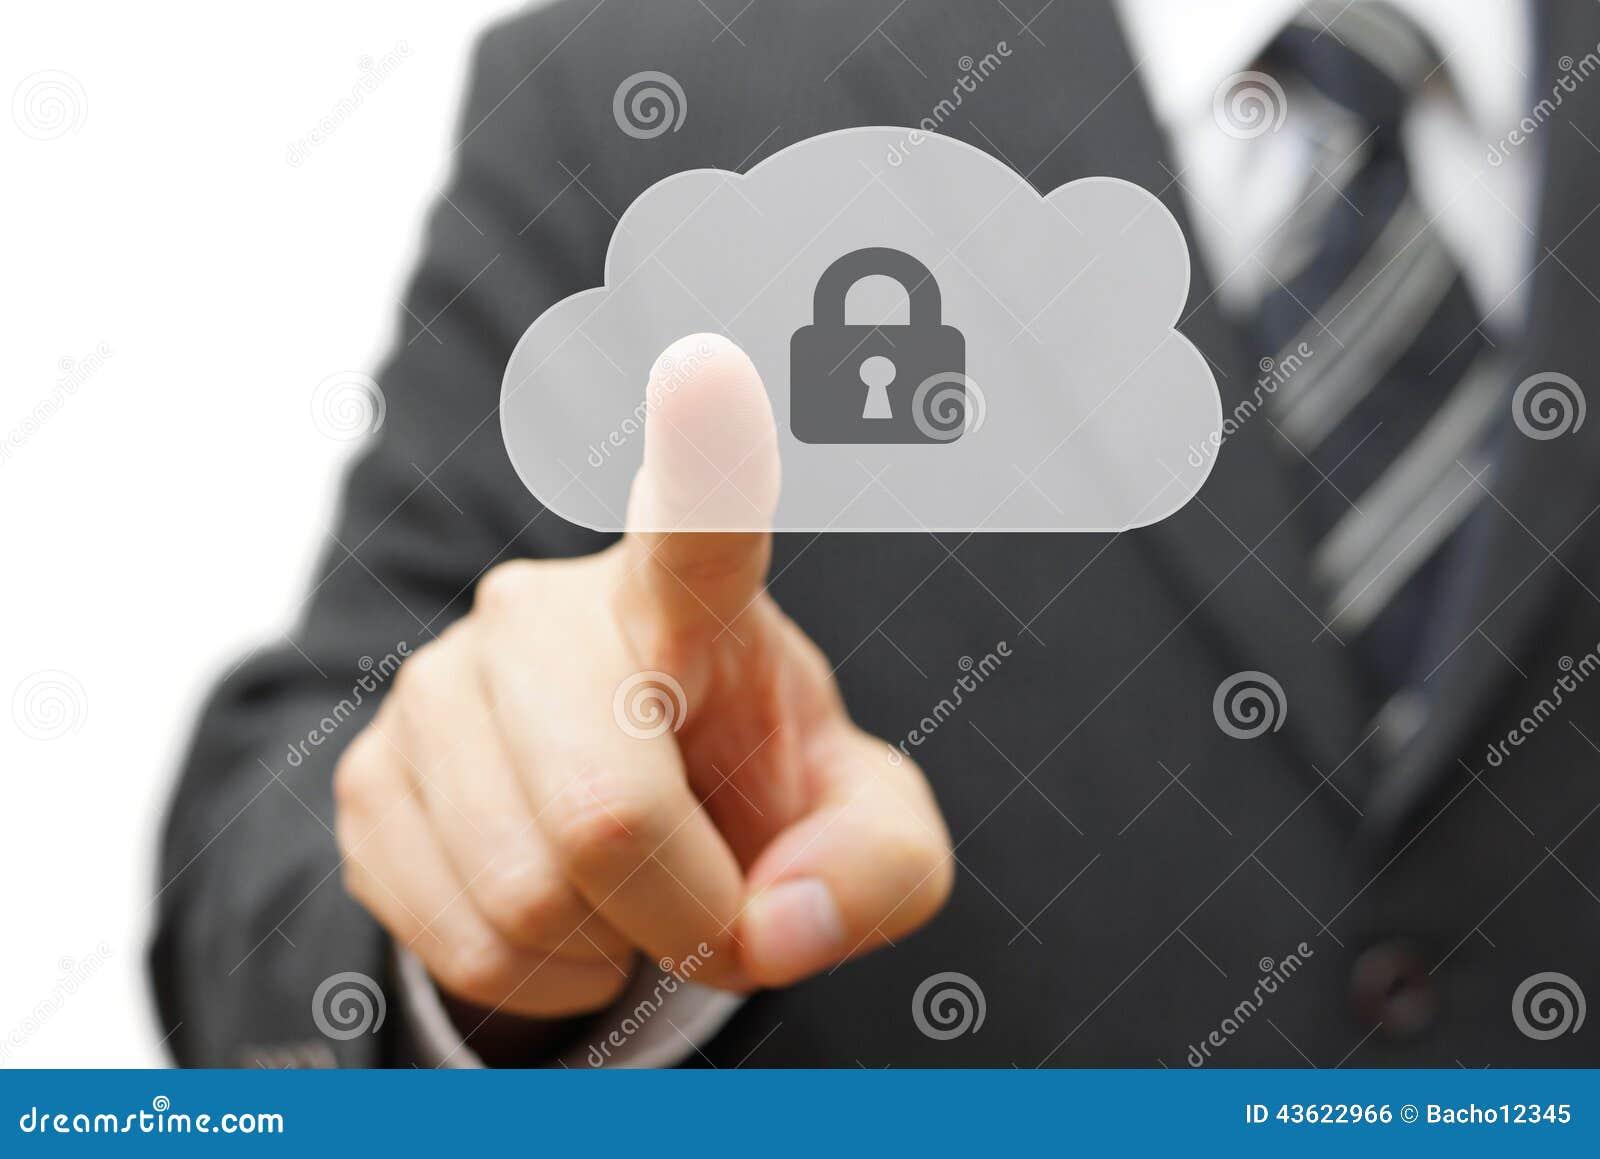 Veilige wolk en online verre gegevens zakenman dringende wolk ic